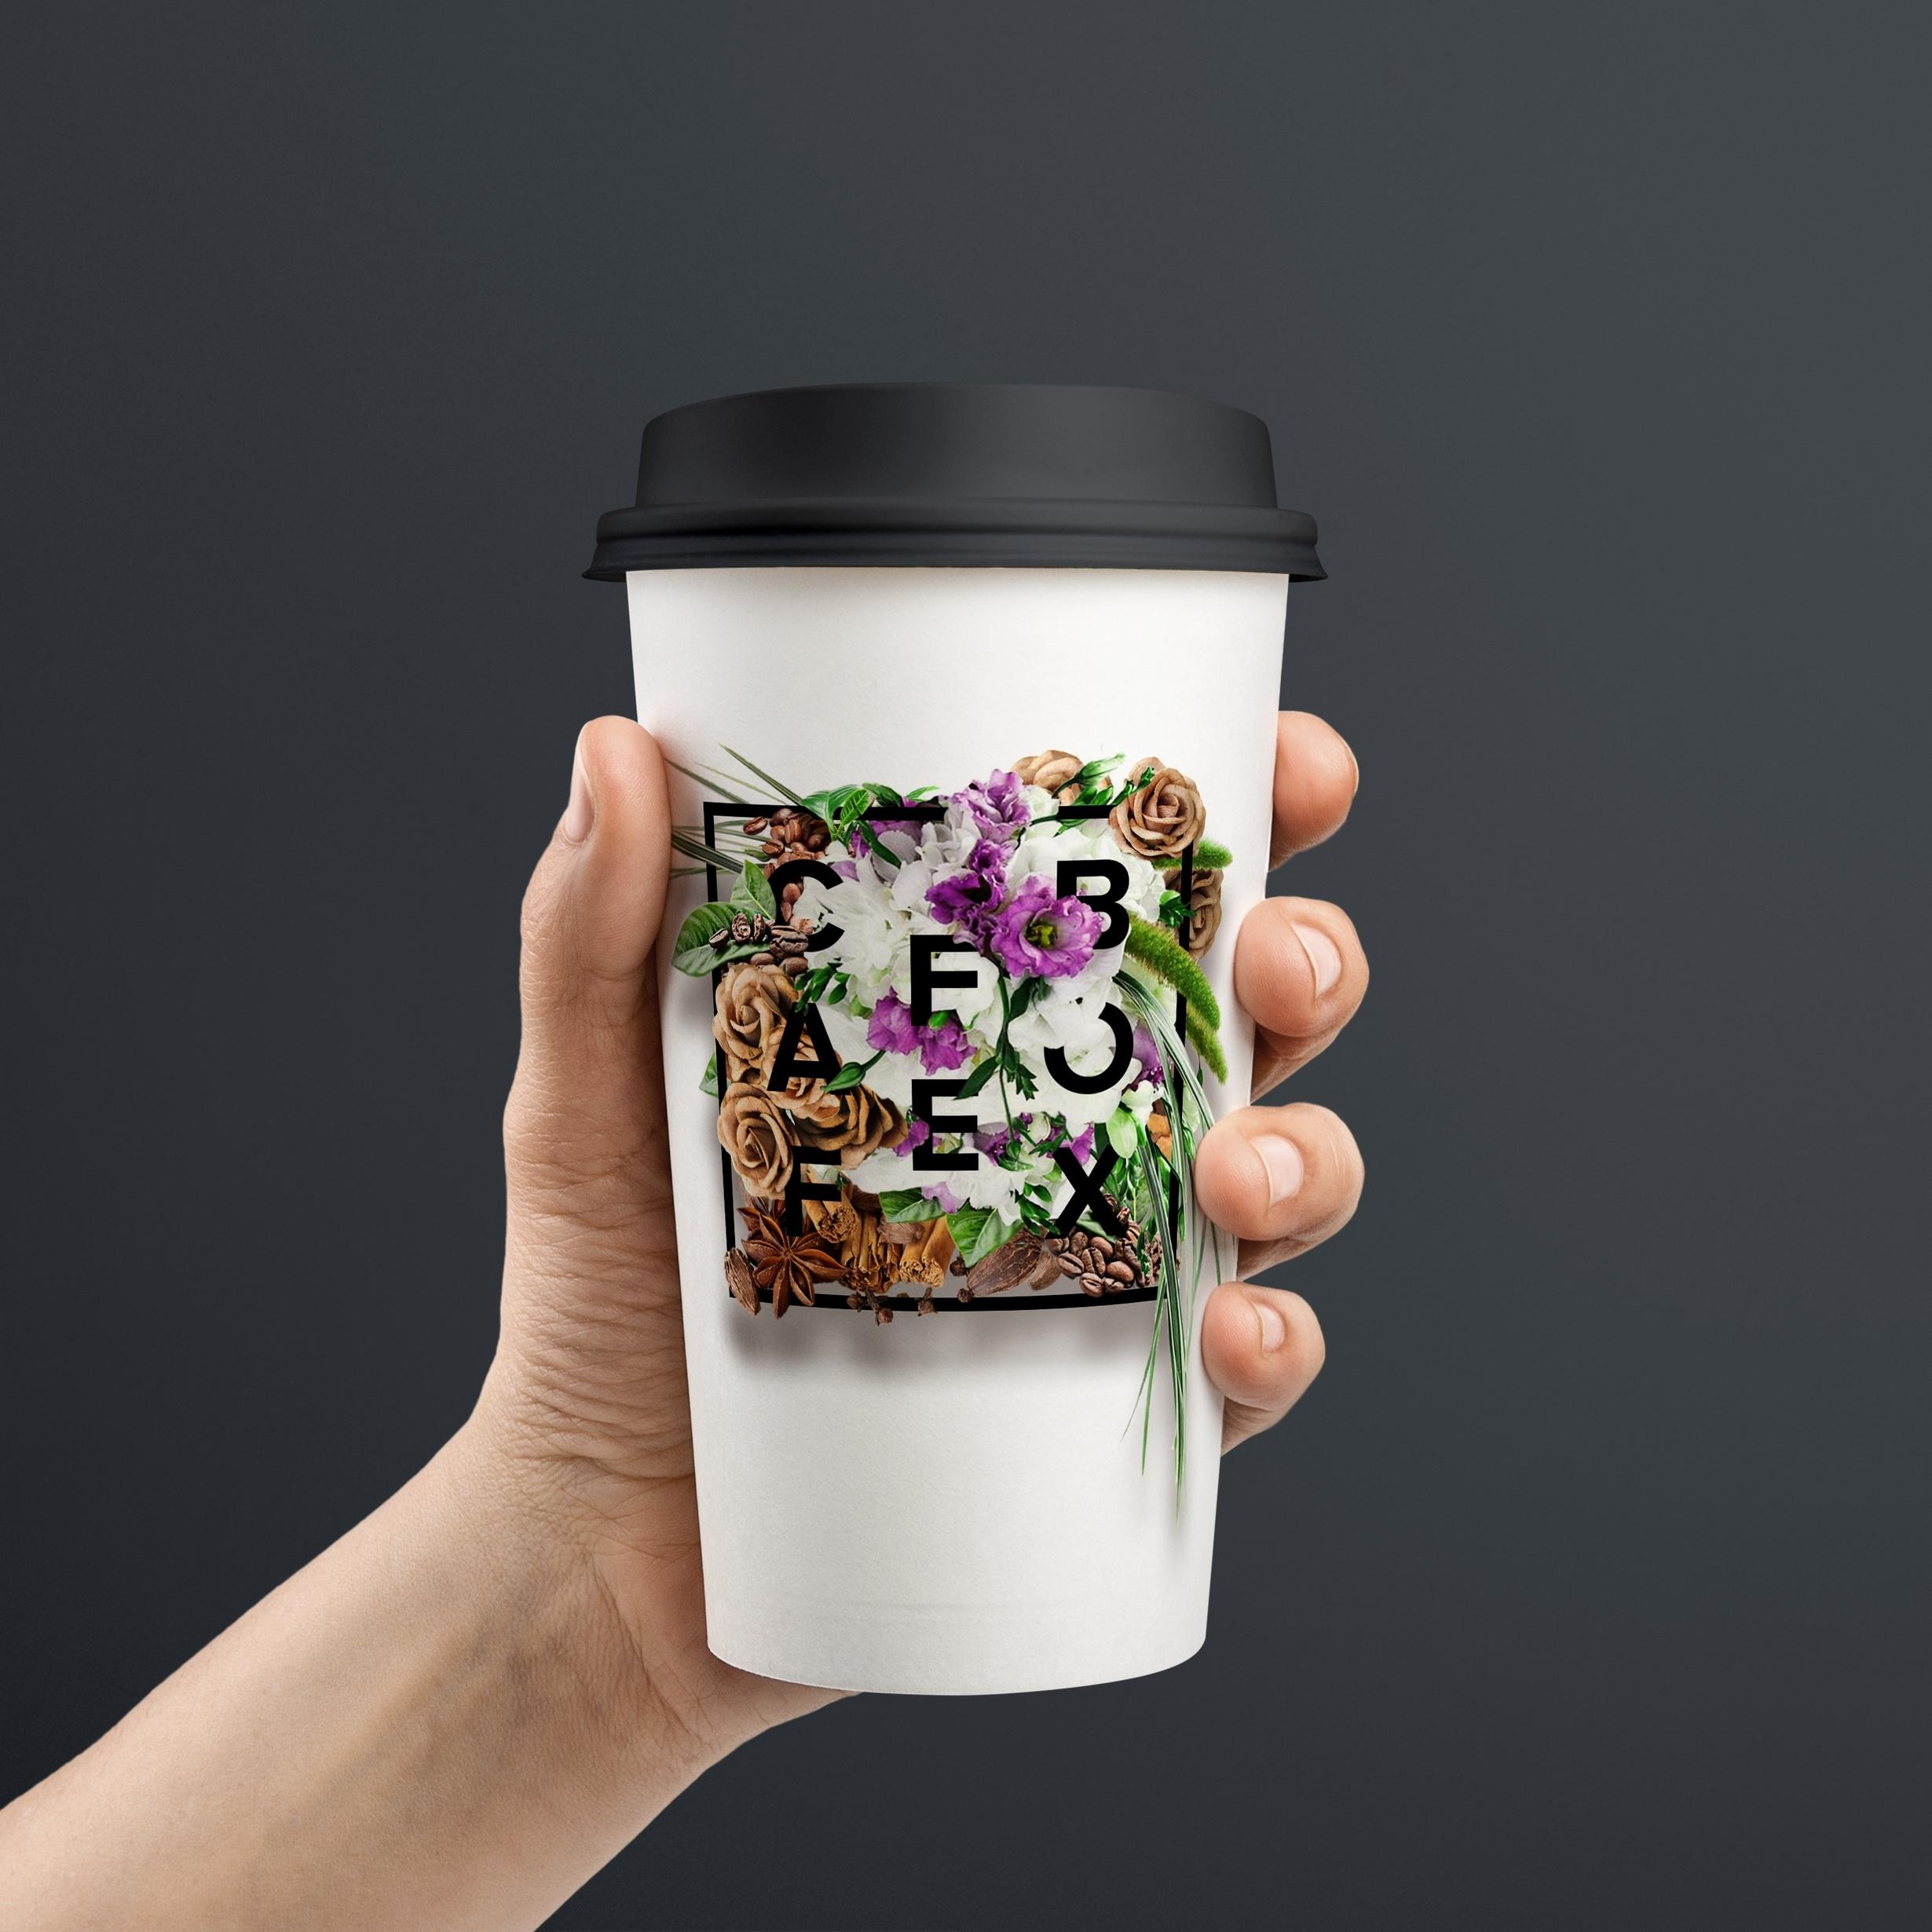 Требуется очень срочно разработать логотип кофейни! фото f_3515a0c514fc7d37.jpg